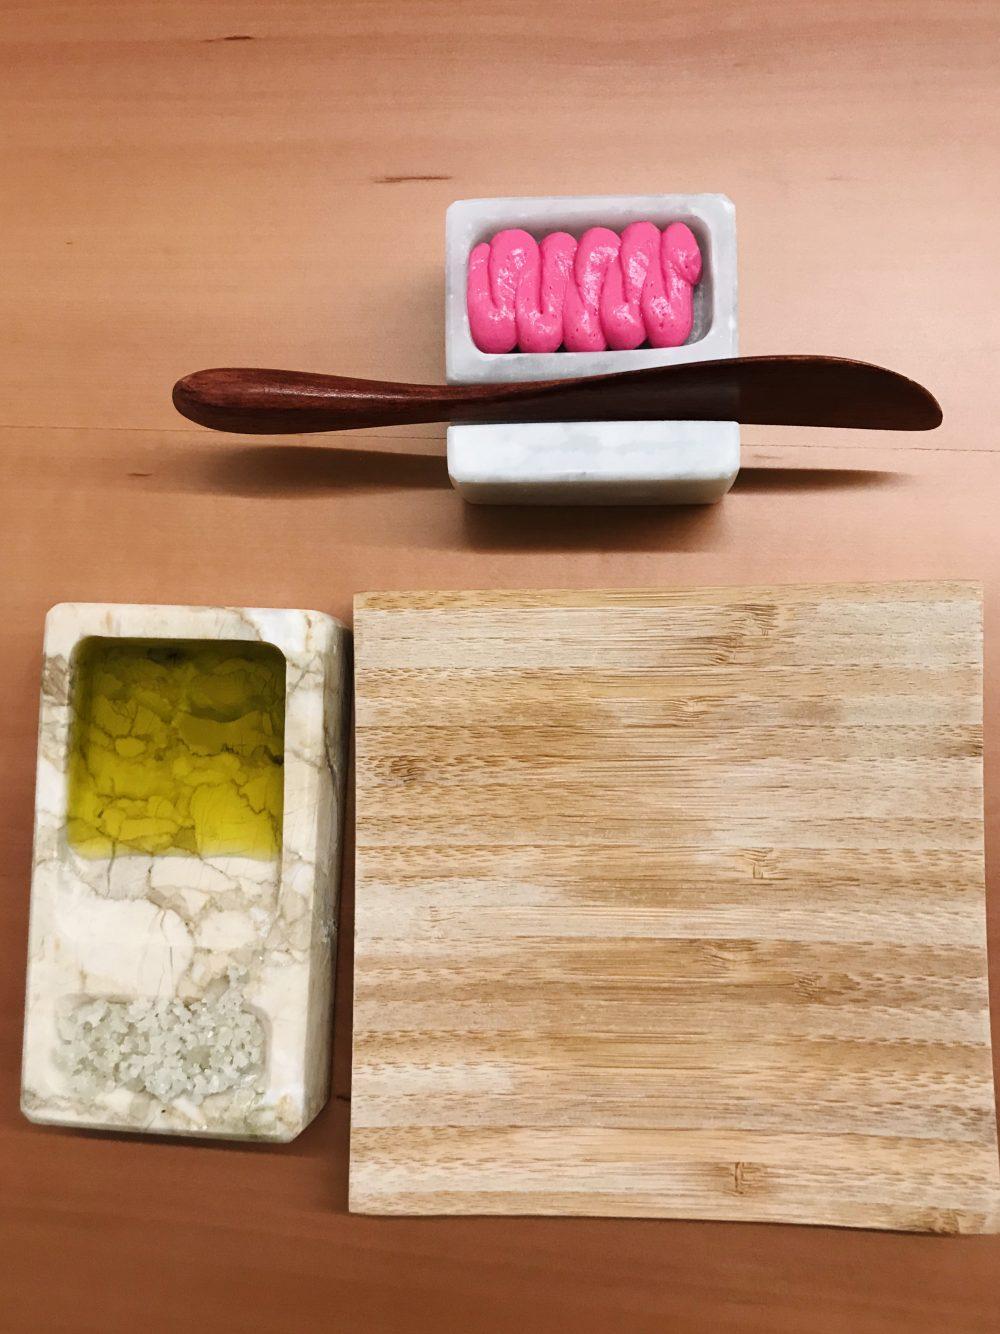 Contaminazioni Restaurant - Burro di bufala alla rapa rossa, sale francese di Guerande e olio extravergine